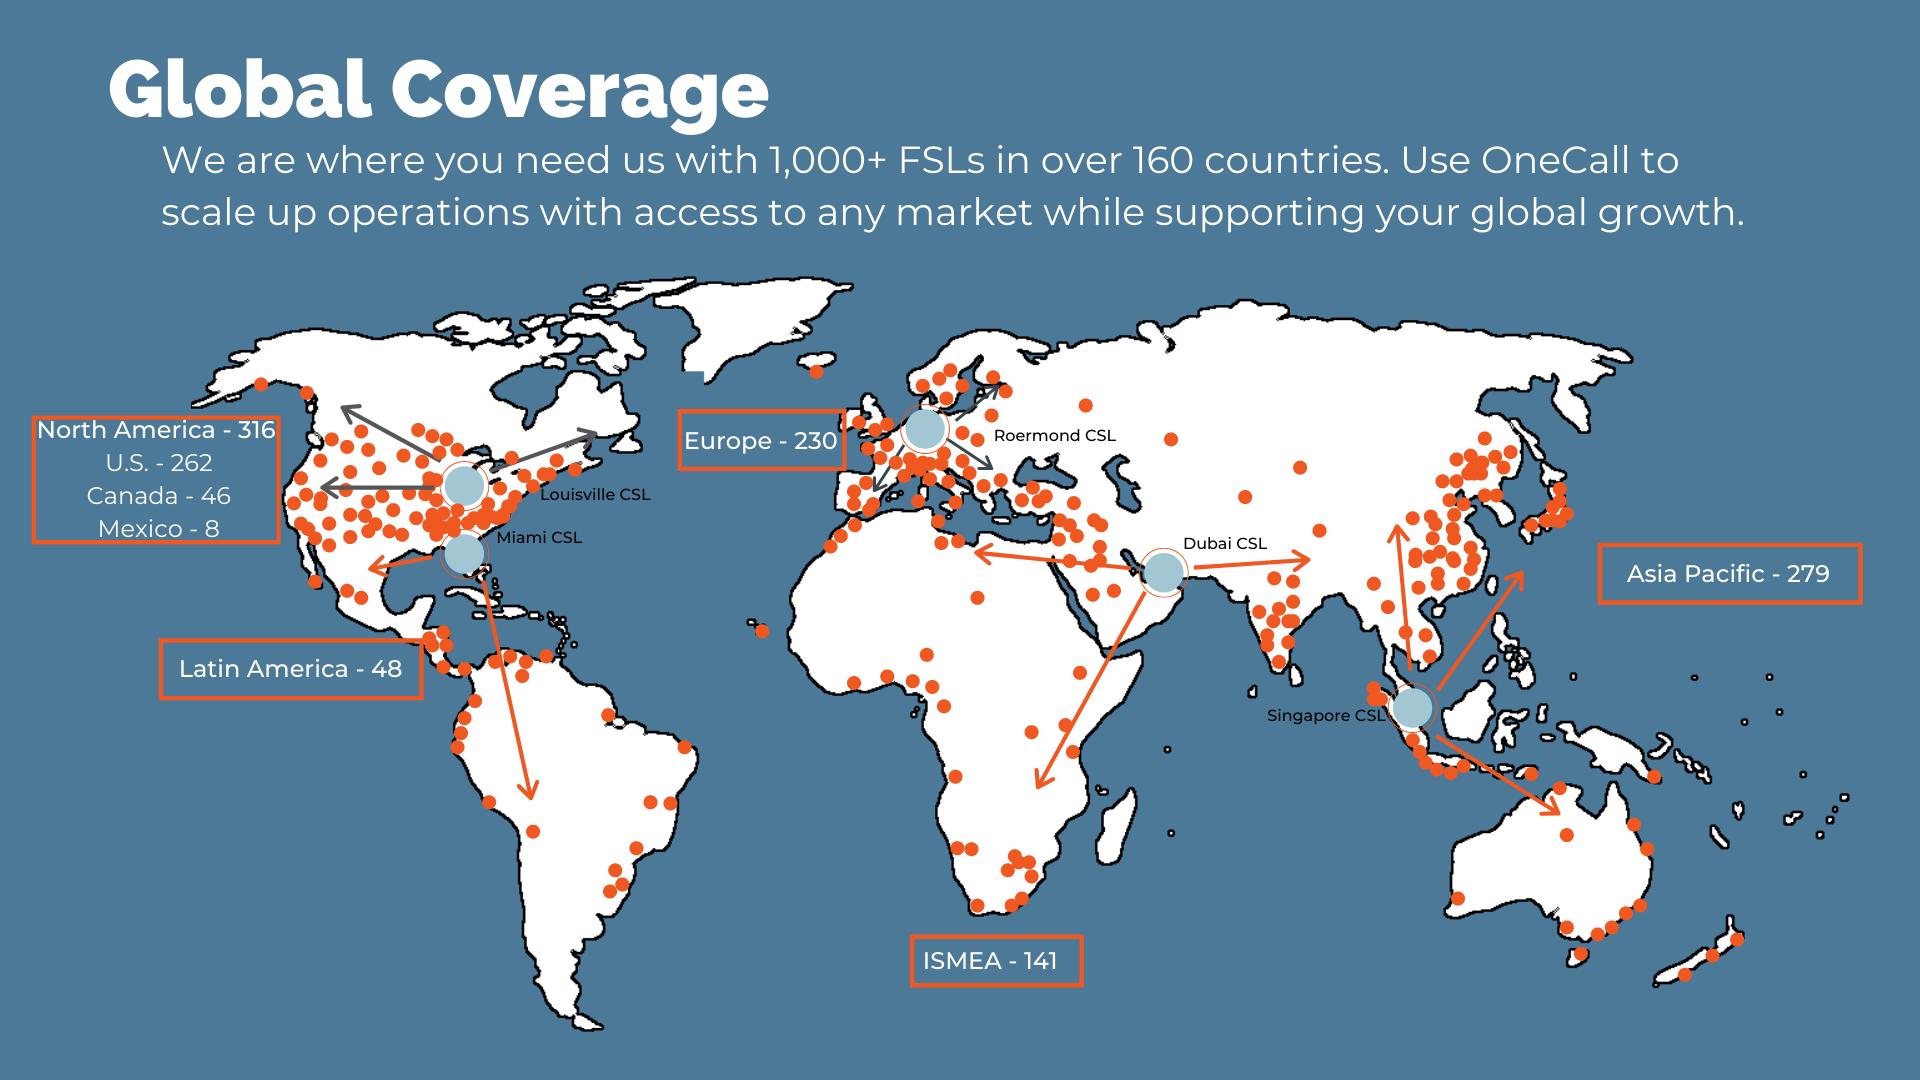 Global Coverage (2)-1